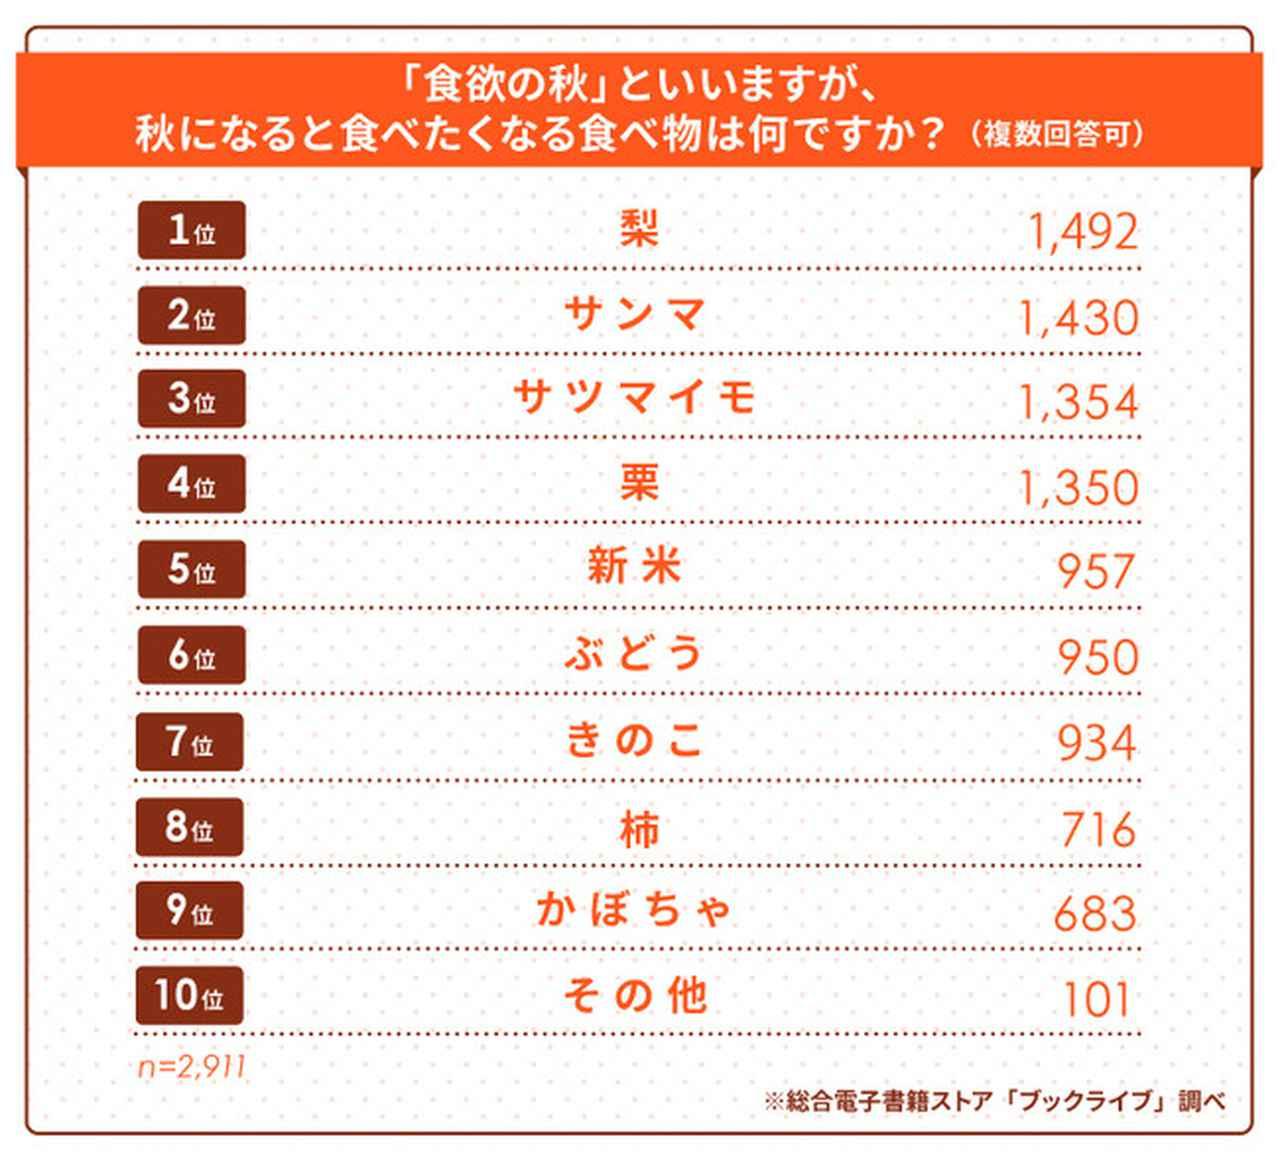 """画像: 今年の""""秋の味覚""""人気No.1は「梨」で決定、僅差で「サンマ」が2位"""